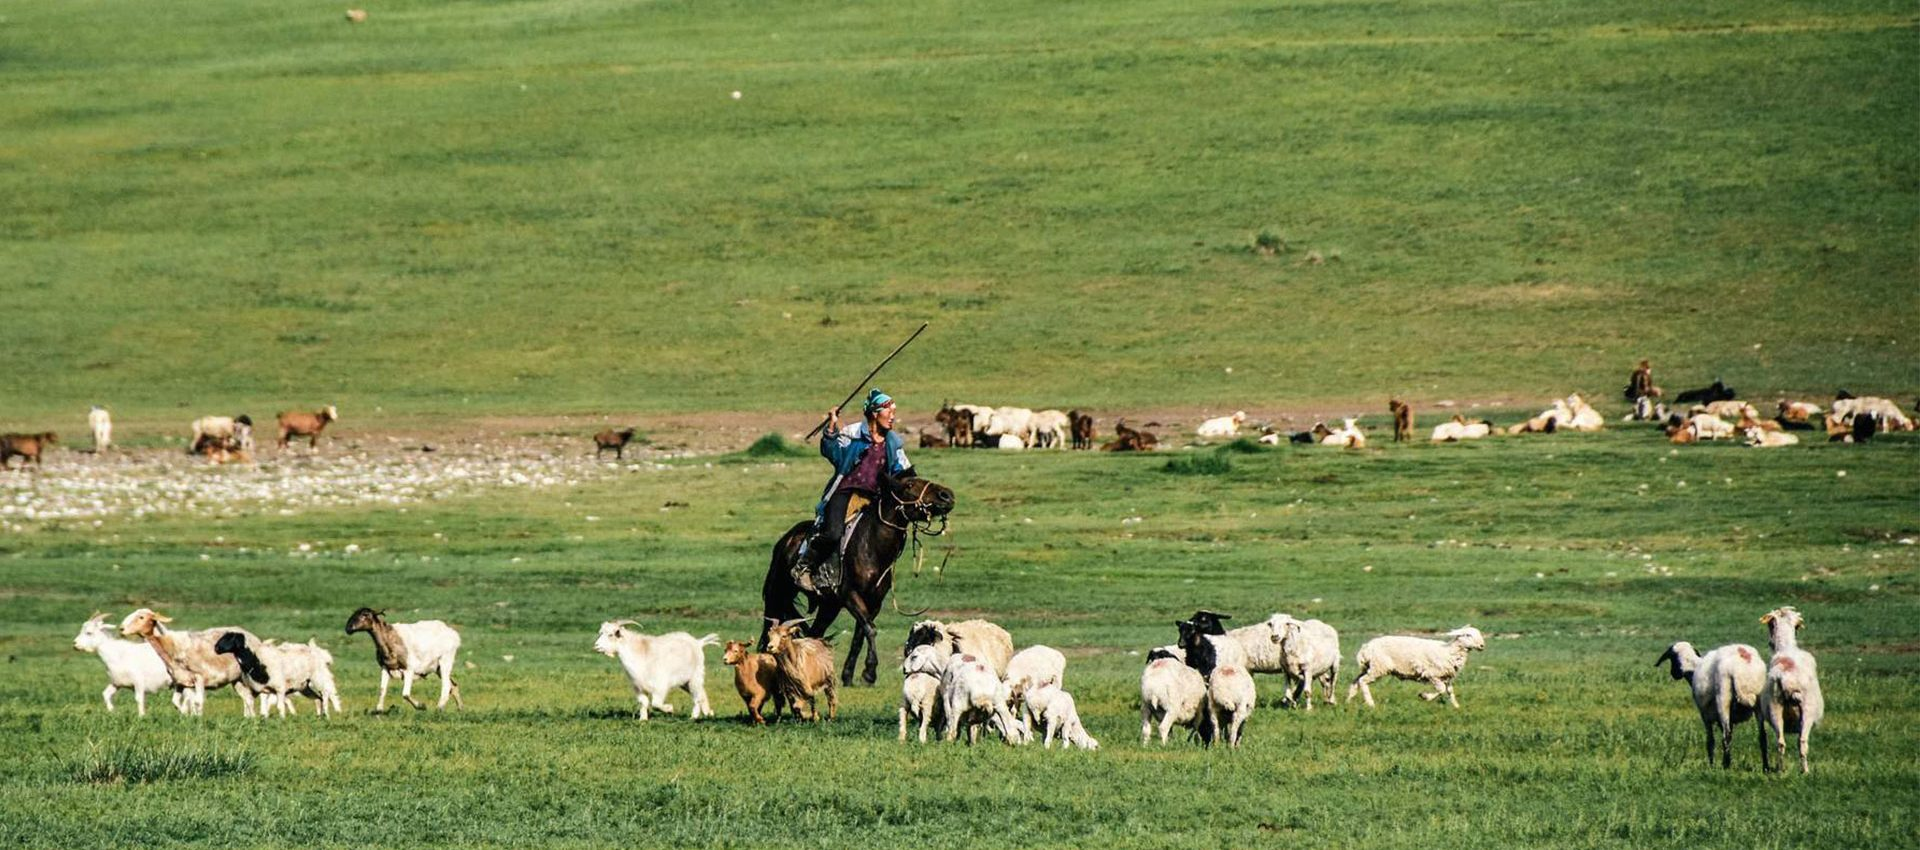 Herding the flock, mongolian style.